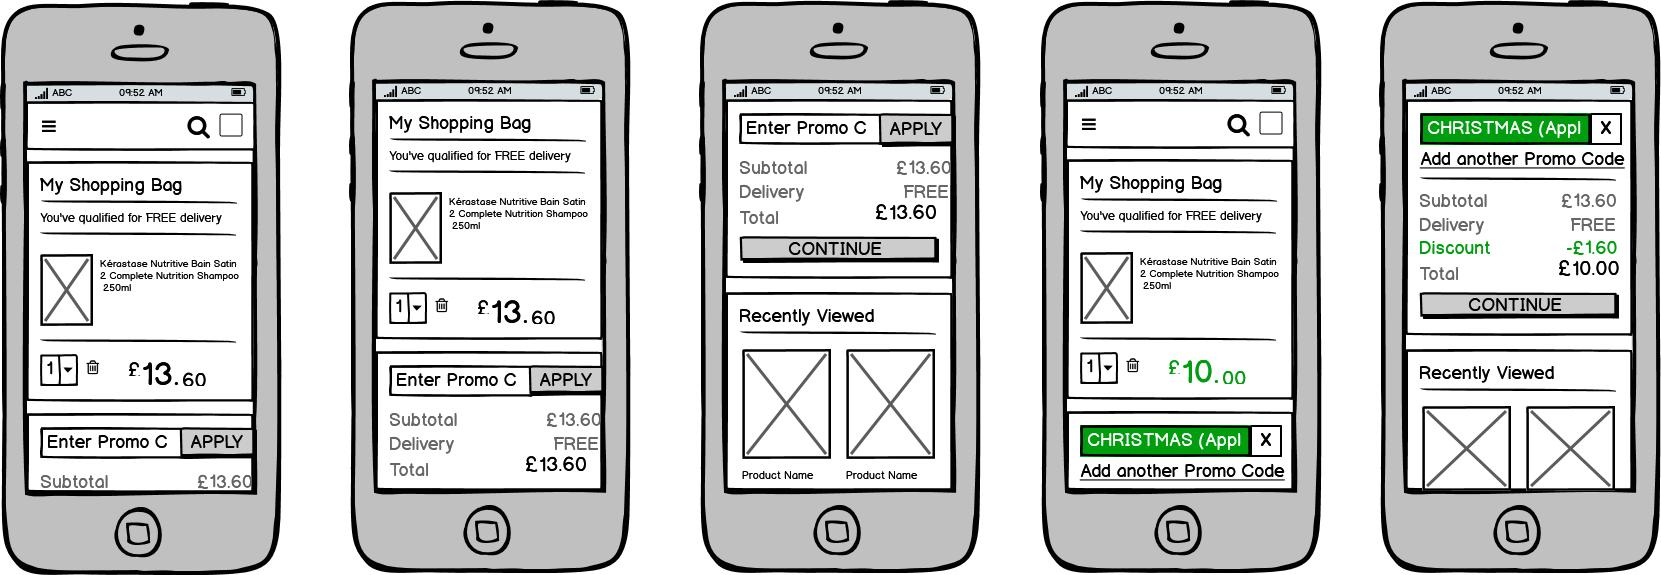 e-commerce app like amazon